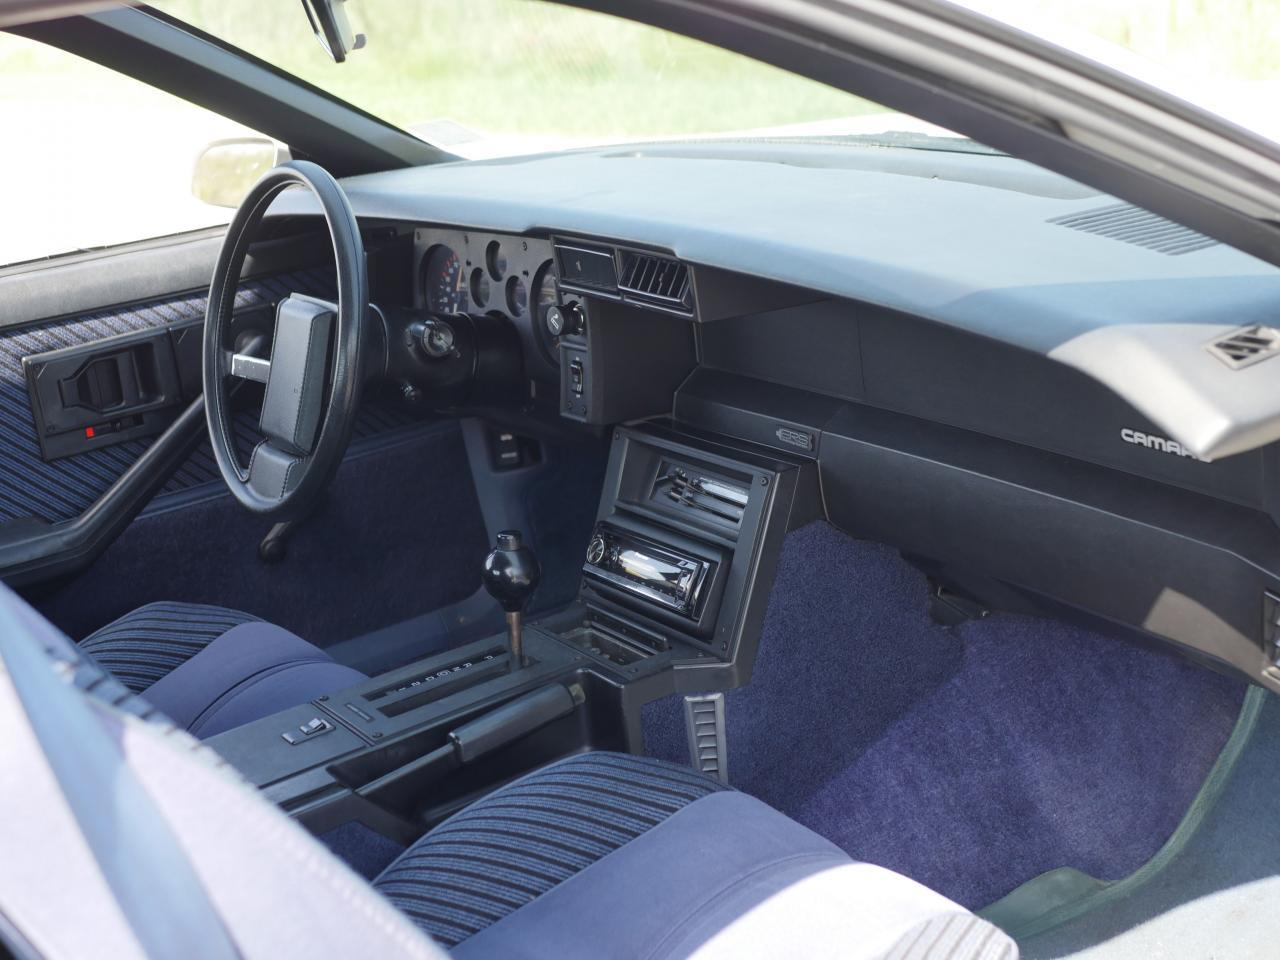 1984 Chevrolet Camaro (CC-1342804) for sale in O'Fallon, Illinois